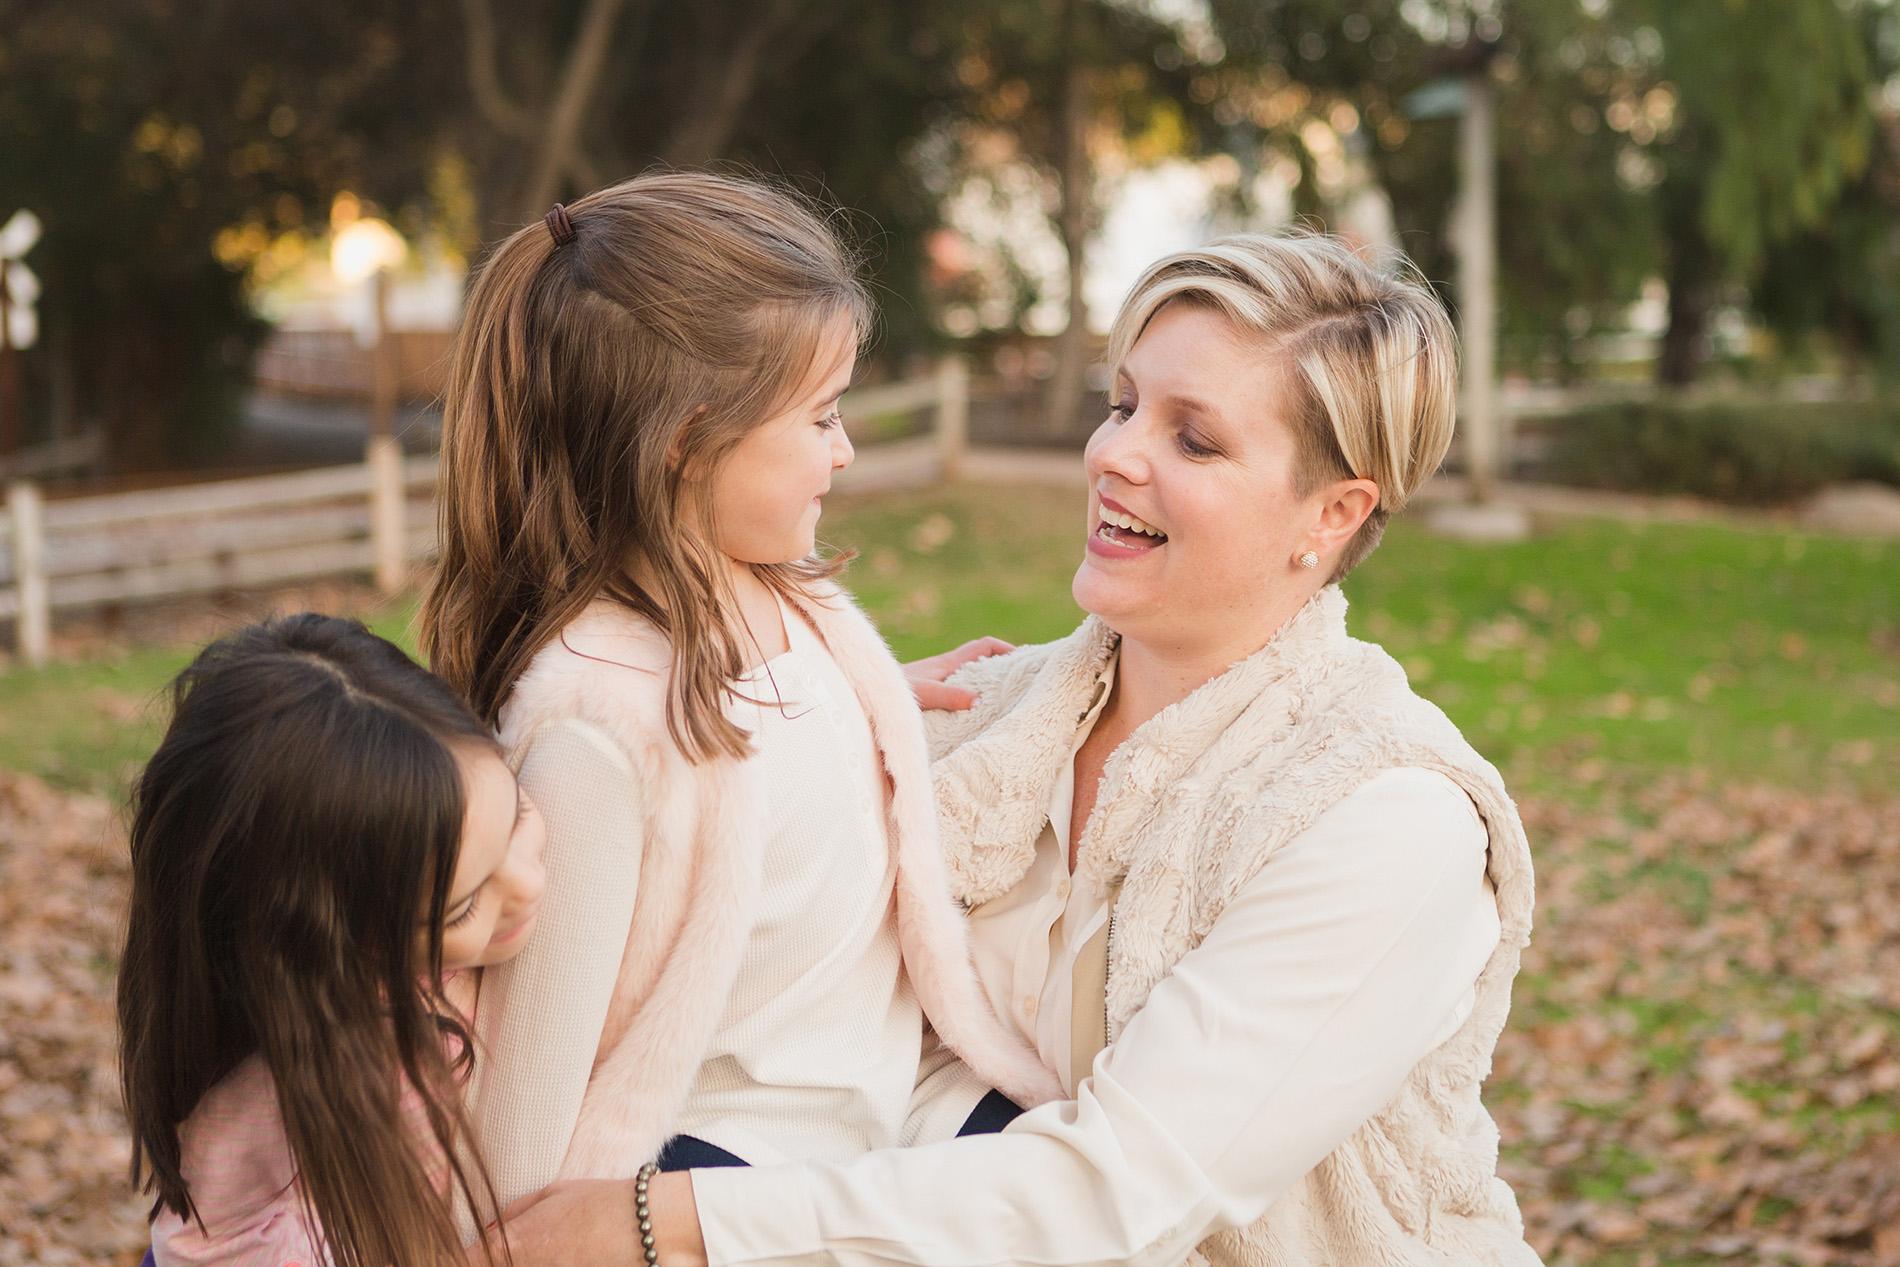 San Diego Family Photographer Christine Dammann Photography RF198